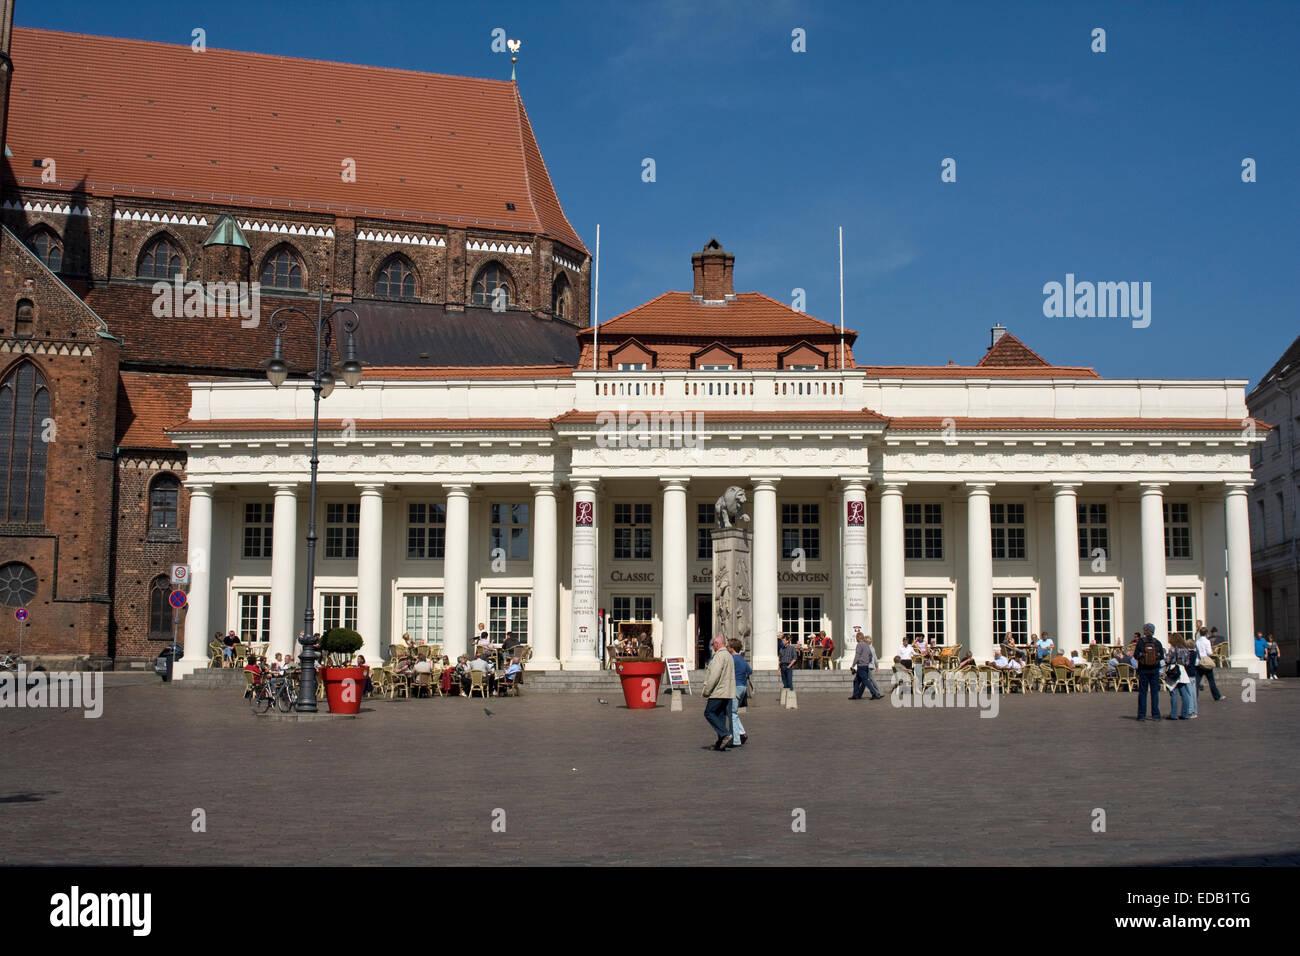 Europa, Deutschland, Mecklenburg-Vorpommern, Schwerin - Stock Image